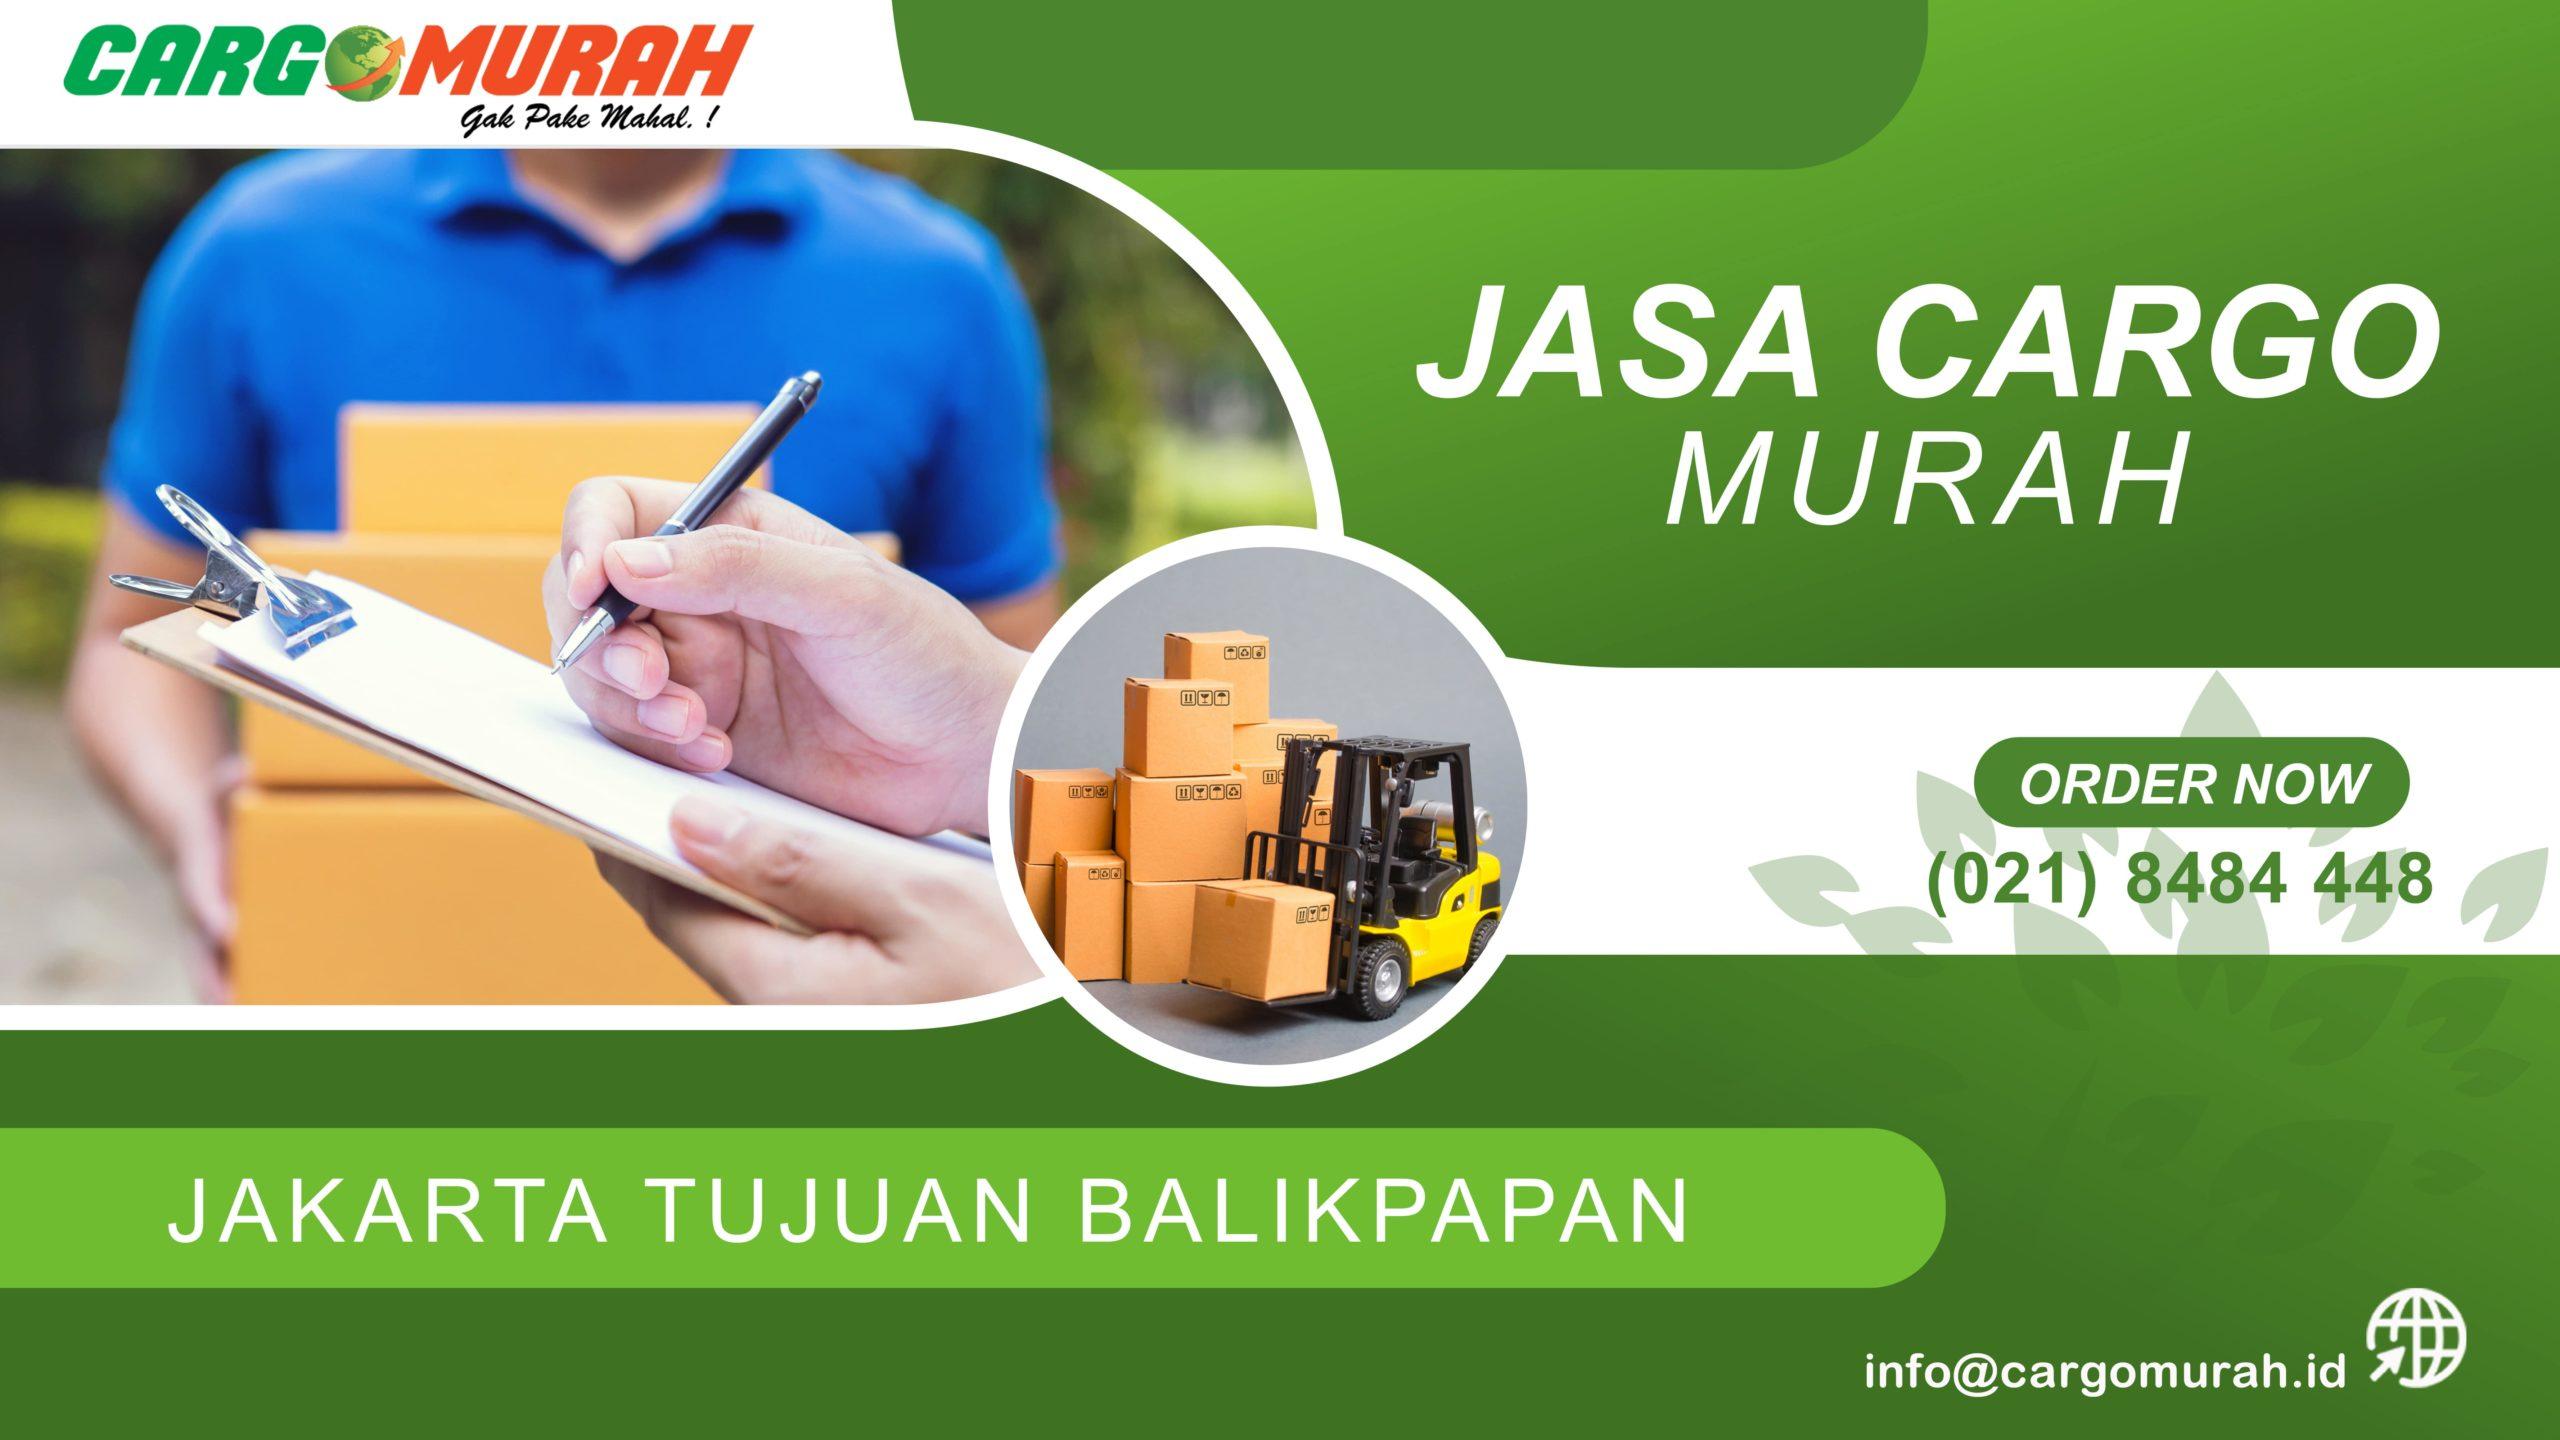 Jasa Cargo Jakarta ke Balikpapan